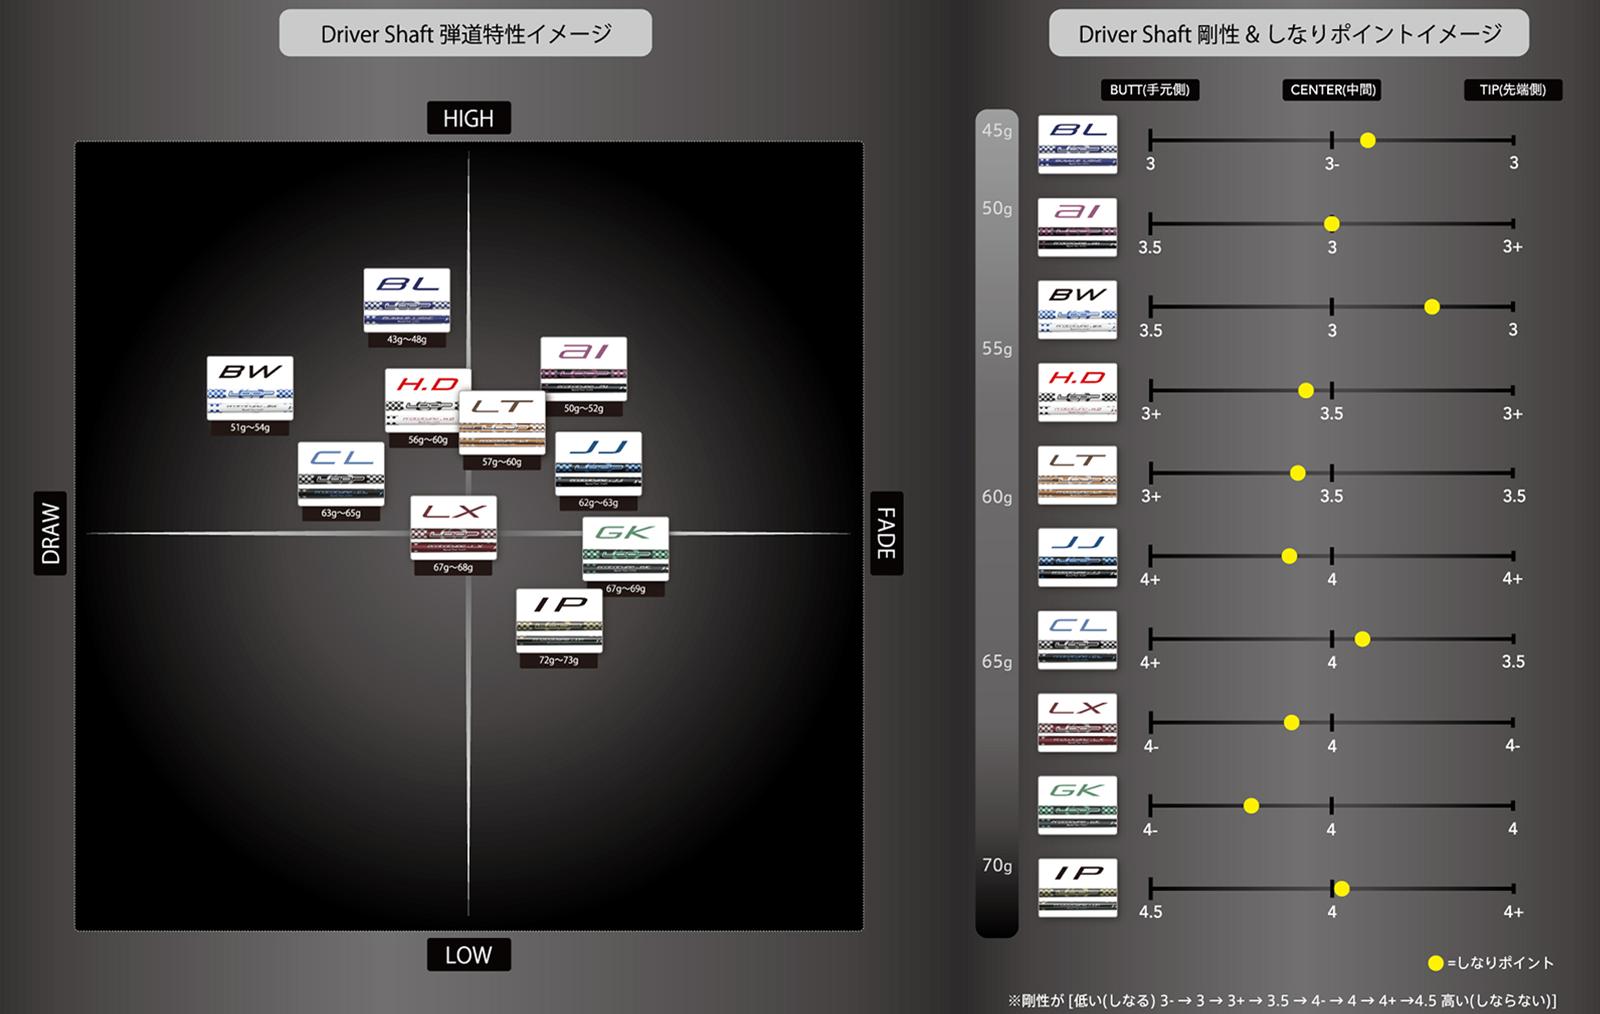 LOOP Driverシャフト弾道特性イメージ / 剛性・しなりポイントイメージ